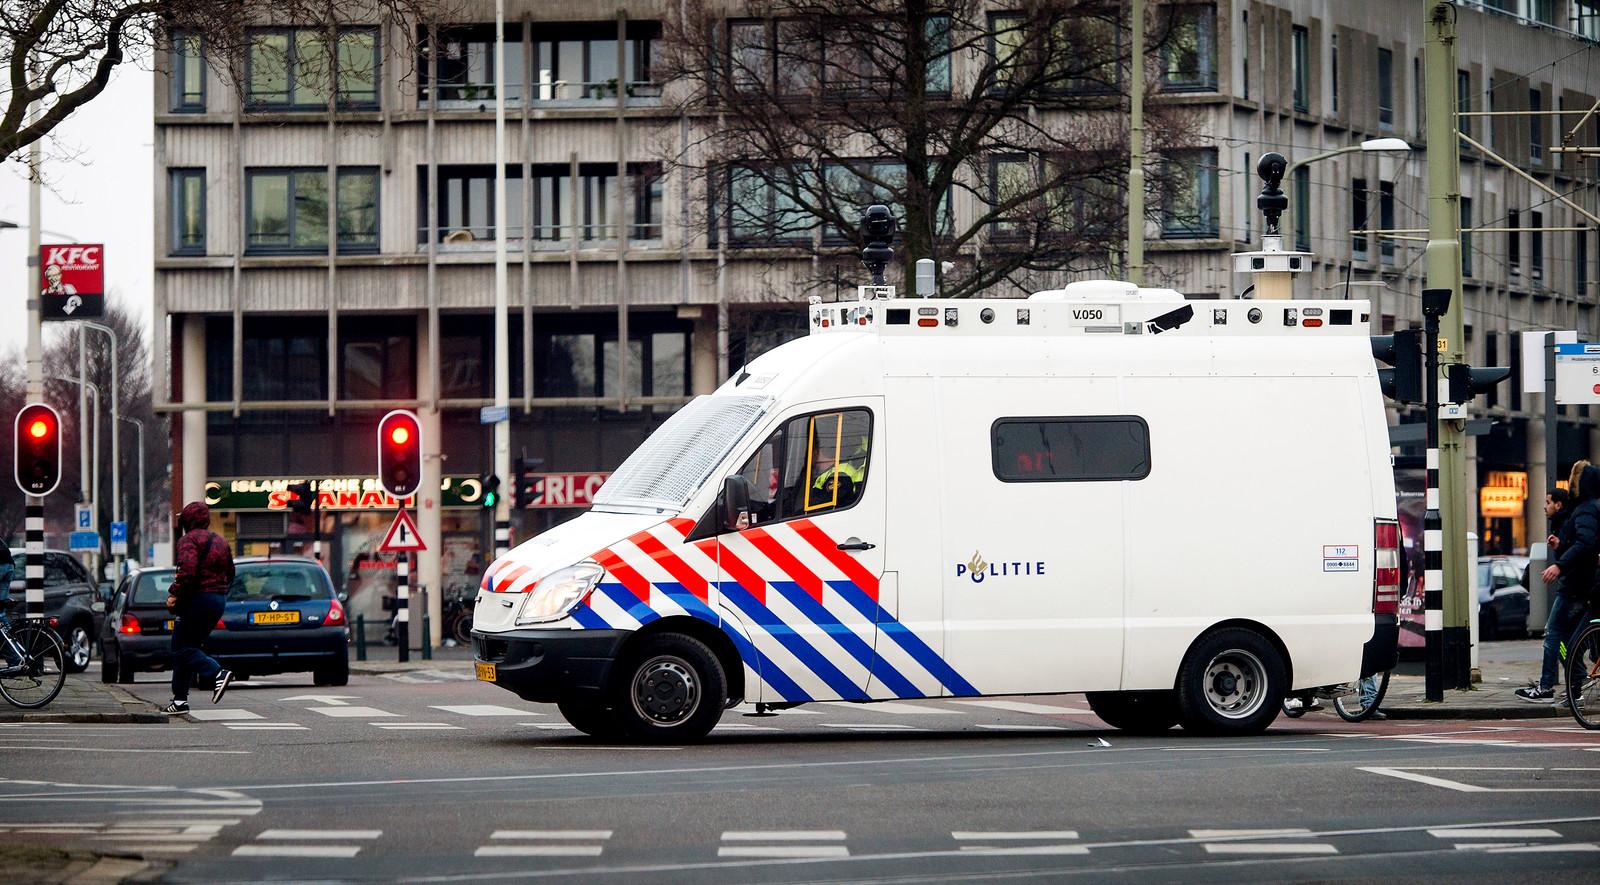 Een politiebus, foto ter illustratie